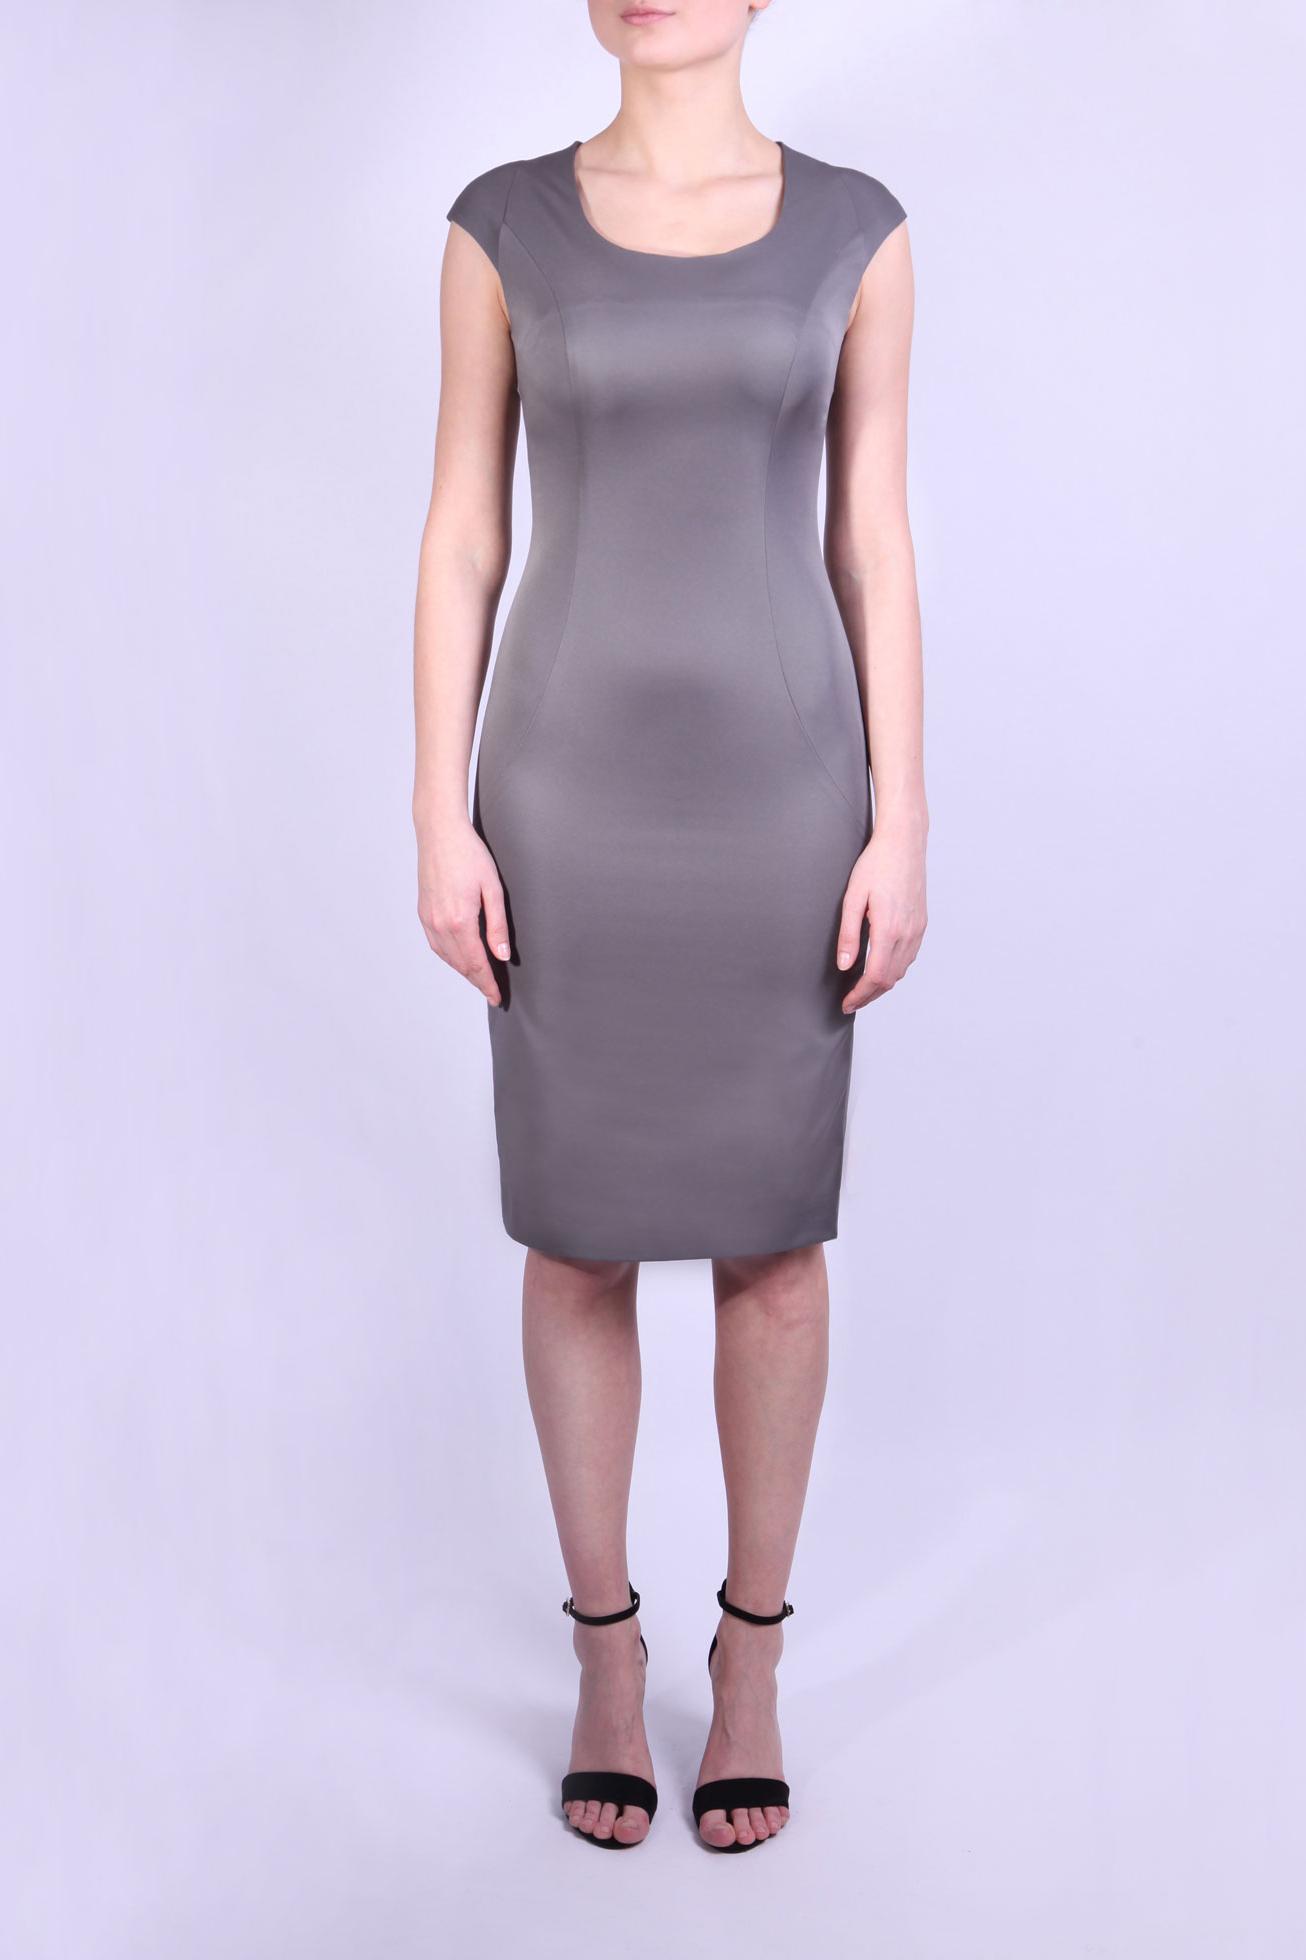 ПлатьеПлатья<br>Строгое и универсальное платье серого цвета без рукавов длиной до колен. Подойдет для ежедневного использования в Вашем офисе в теплое время года.  Параметры размеров: Обхват груди размер 44 - 88 см, размер 46 - 92 см, размер 48 - 96 см, размер 50 - 100 см Обхват талии размер 44 - 68 см, размер 46 - 72 см, размер 48 - 76 см, размер 50 - 80 см Обхват бедер размер 44 - 96 см, размер 46 - 100 см, размер 48 - 104 см, размер 50 - 108 см  Цвет: серый  Ростовка изделия 170 см.<br><br>Горловина: С- горловина<br>По длине: До колена<br>По материалу: Вискоза,Тканевые<br>По образу: Город,Офис<br>По рисунку: Однотонные<br>По силуэту: Приталенные<br>По стилю: Классический стиль,Офисный стиль,Повседневный стиль<br>По форме: Платье - футляр<br>По элементам: С разрезом<br>Разрез: Короткий,Шлица<br>Рукав: Без рукавов<br>По сезону: Осень,Весна<br>Размер : 44,46,48,50<br>Материал: Плательная ткань<br>Количество в наличии: 6